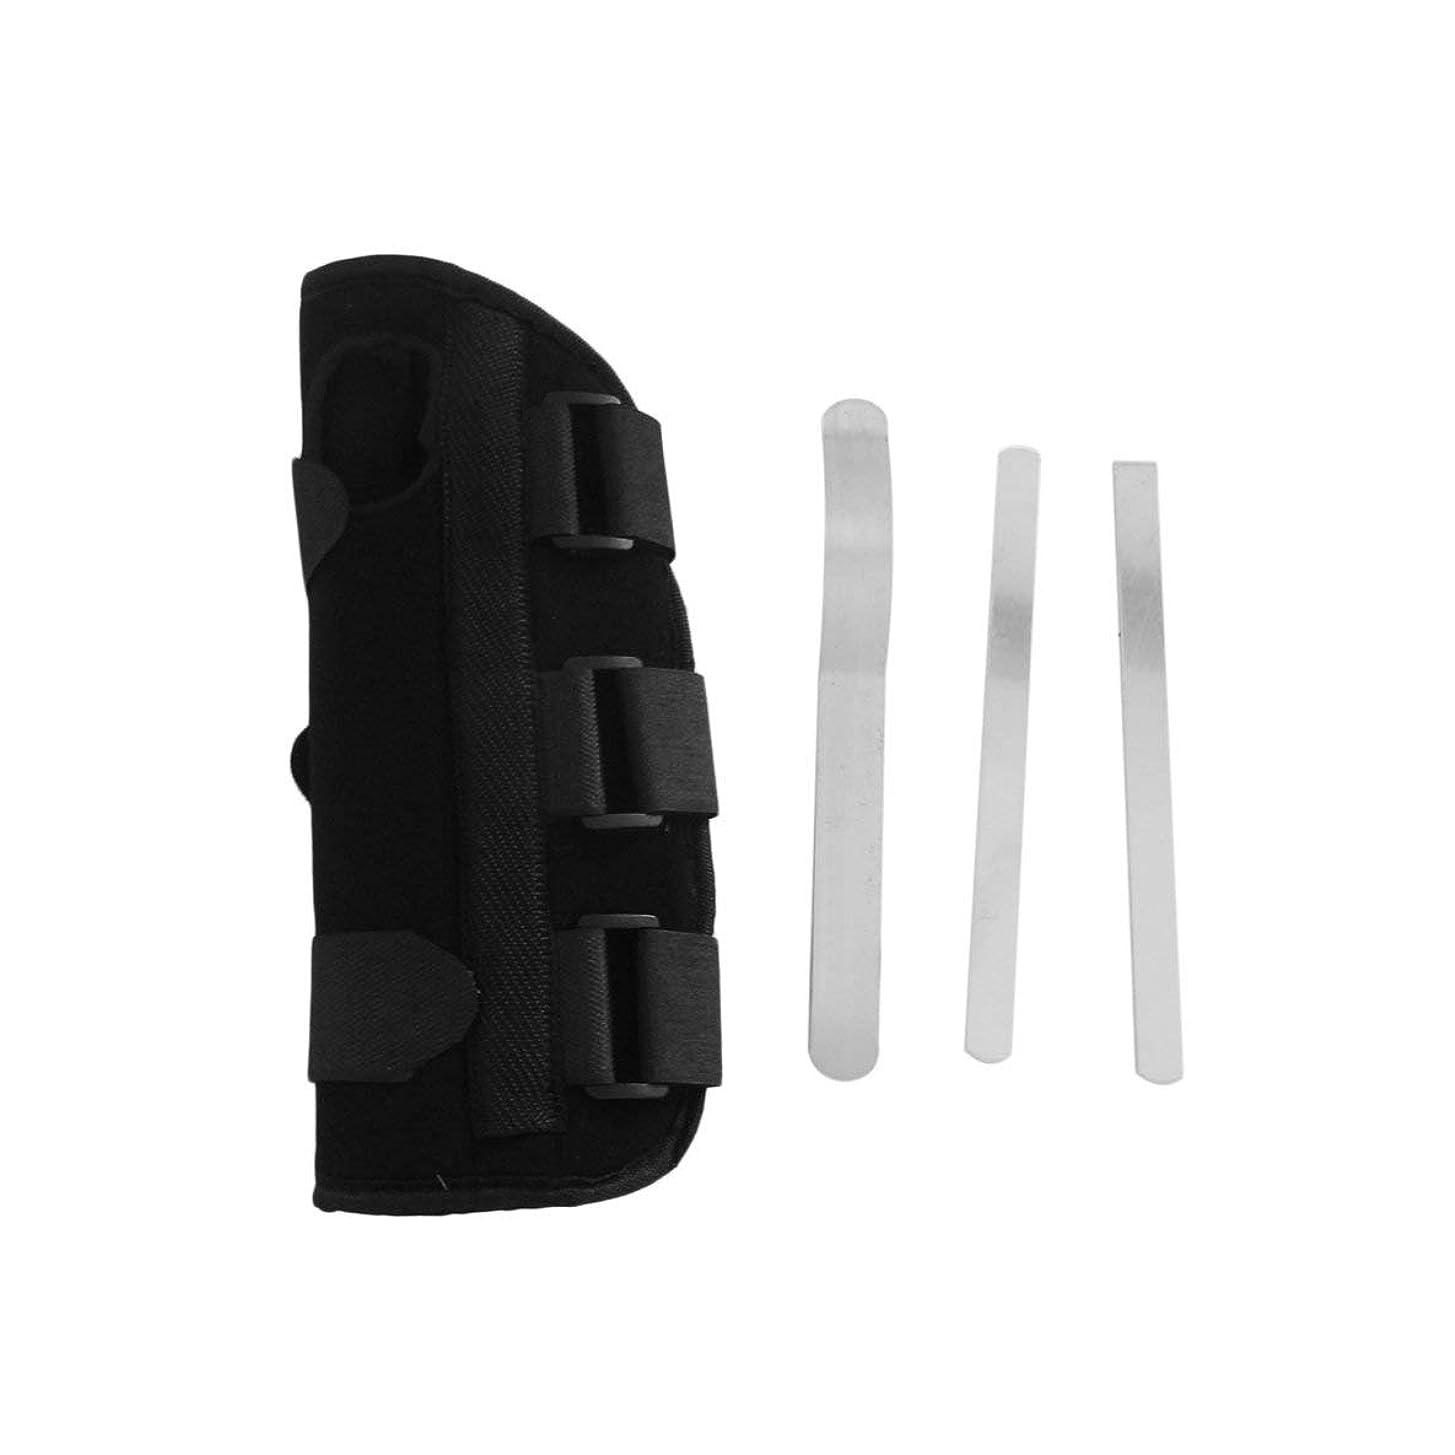 相続人理想的には傾向がある手首副木ブレース保護サポートストラップカルペルトンネルCTS RSI痛み軽減リムーバブル副木快適な軽量ストラップ - ブラックM